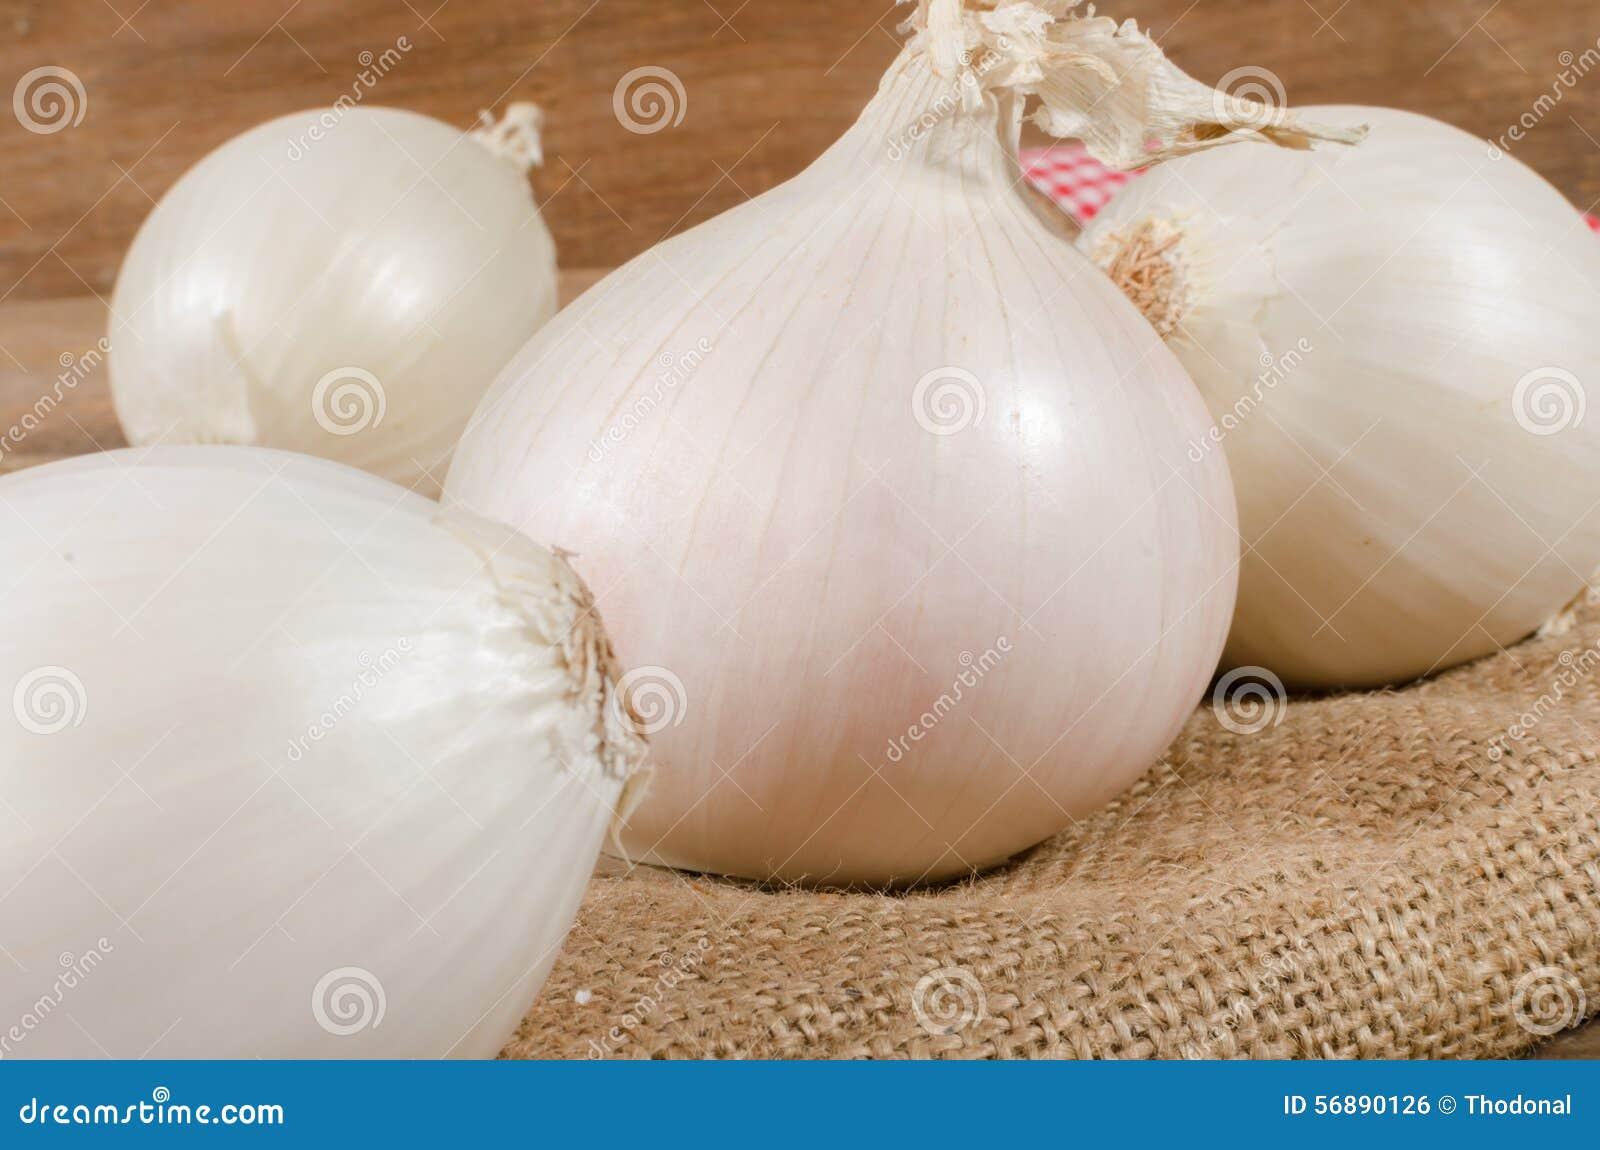 Cebula białe